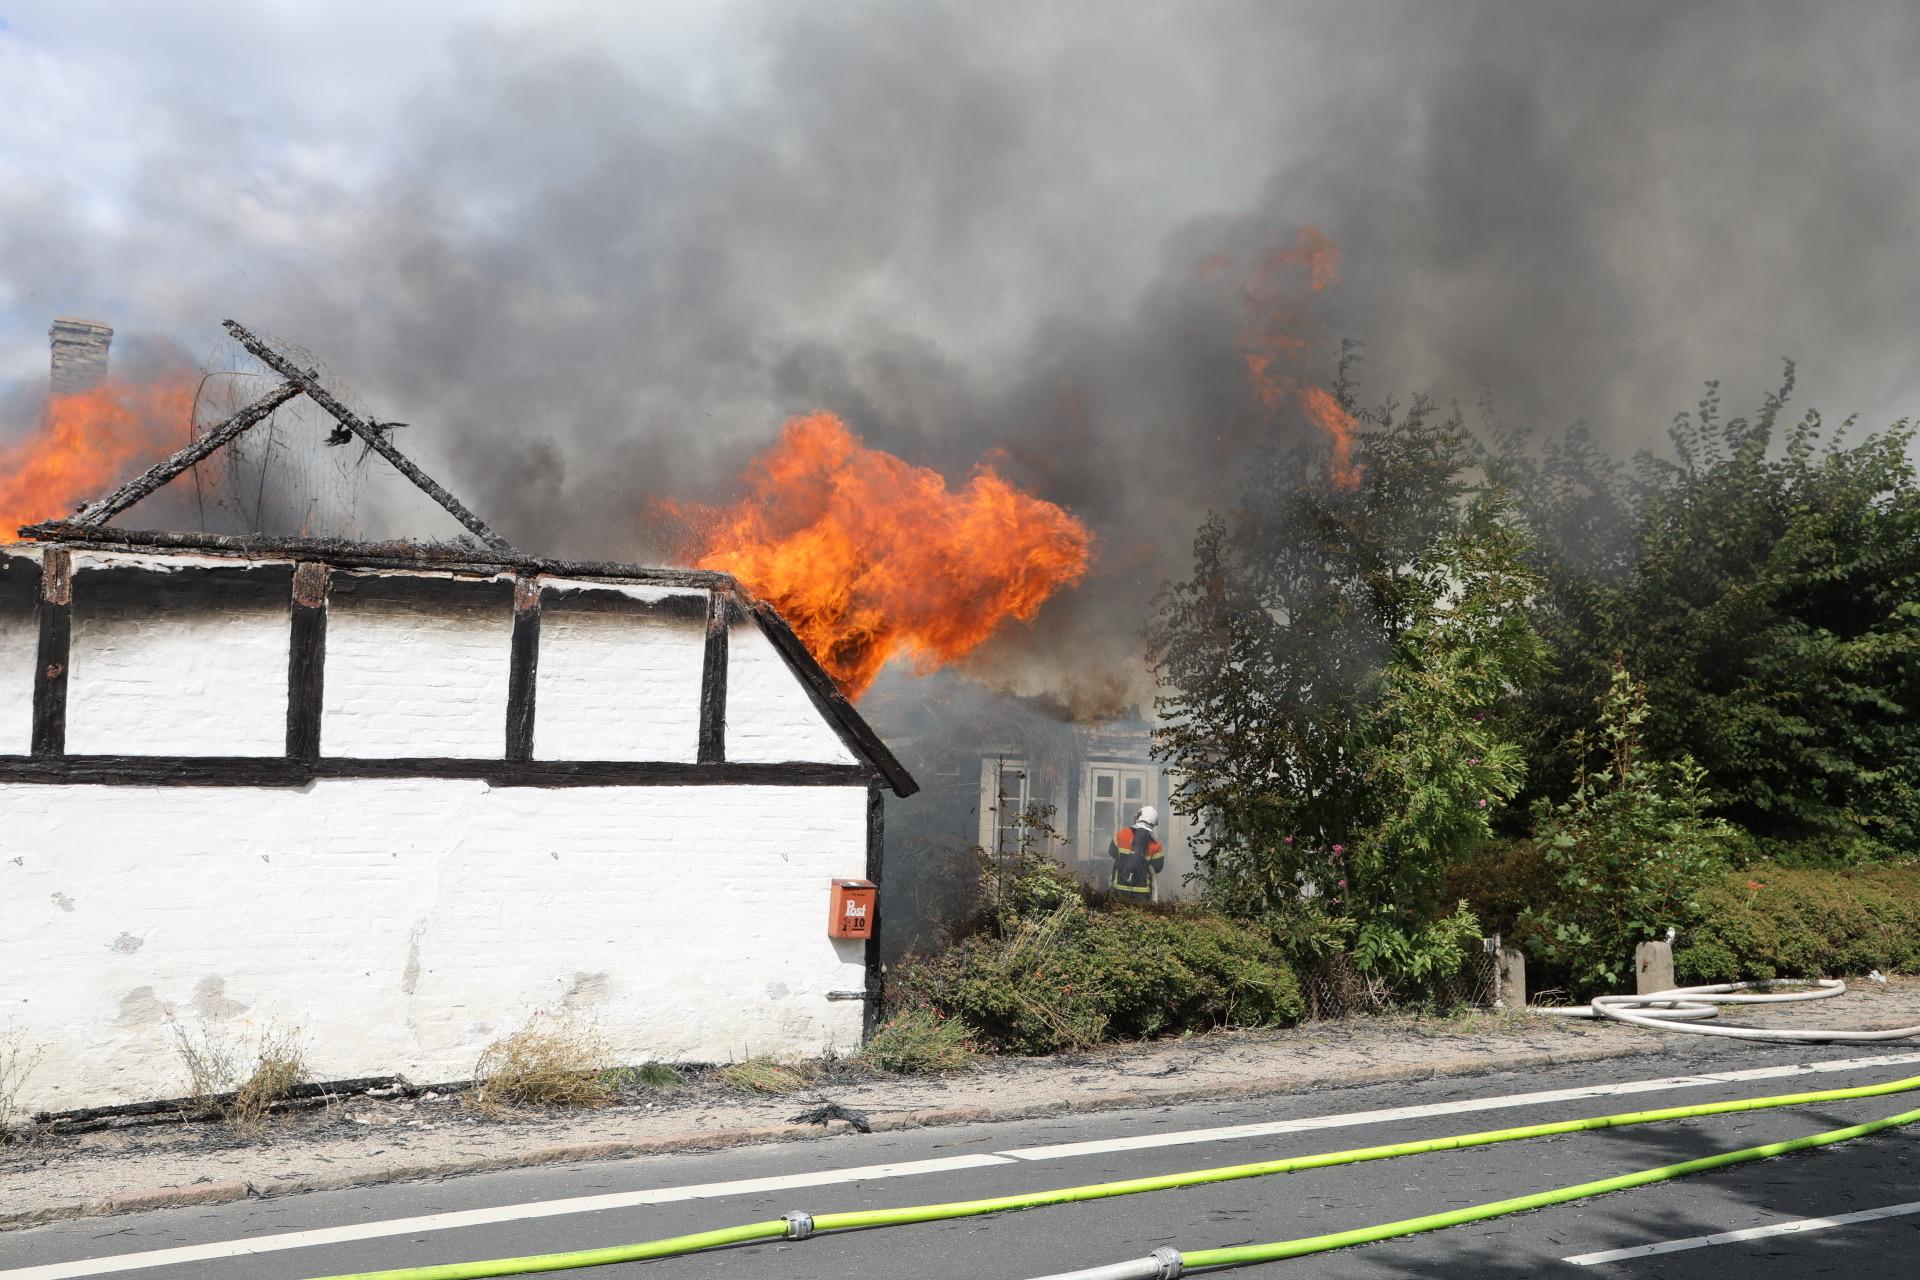 Heftig villabrand - brandvæsnet kæmper med flammerne